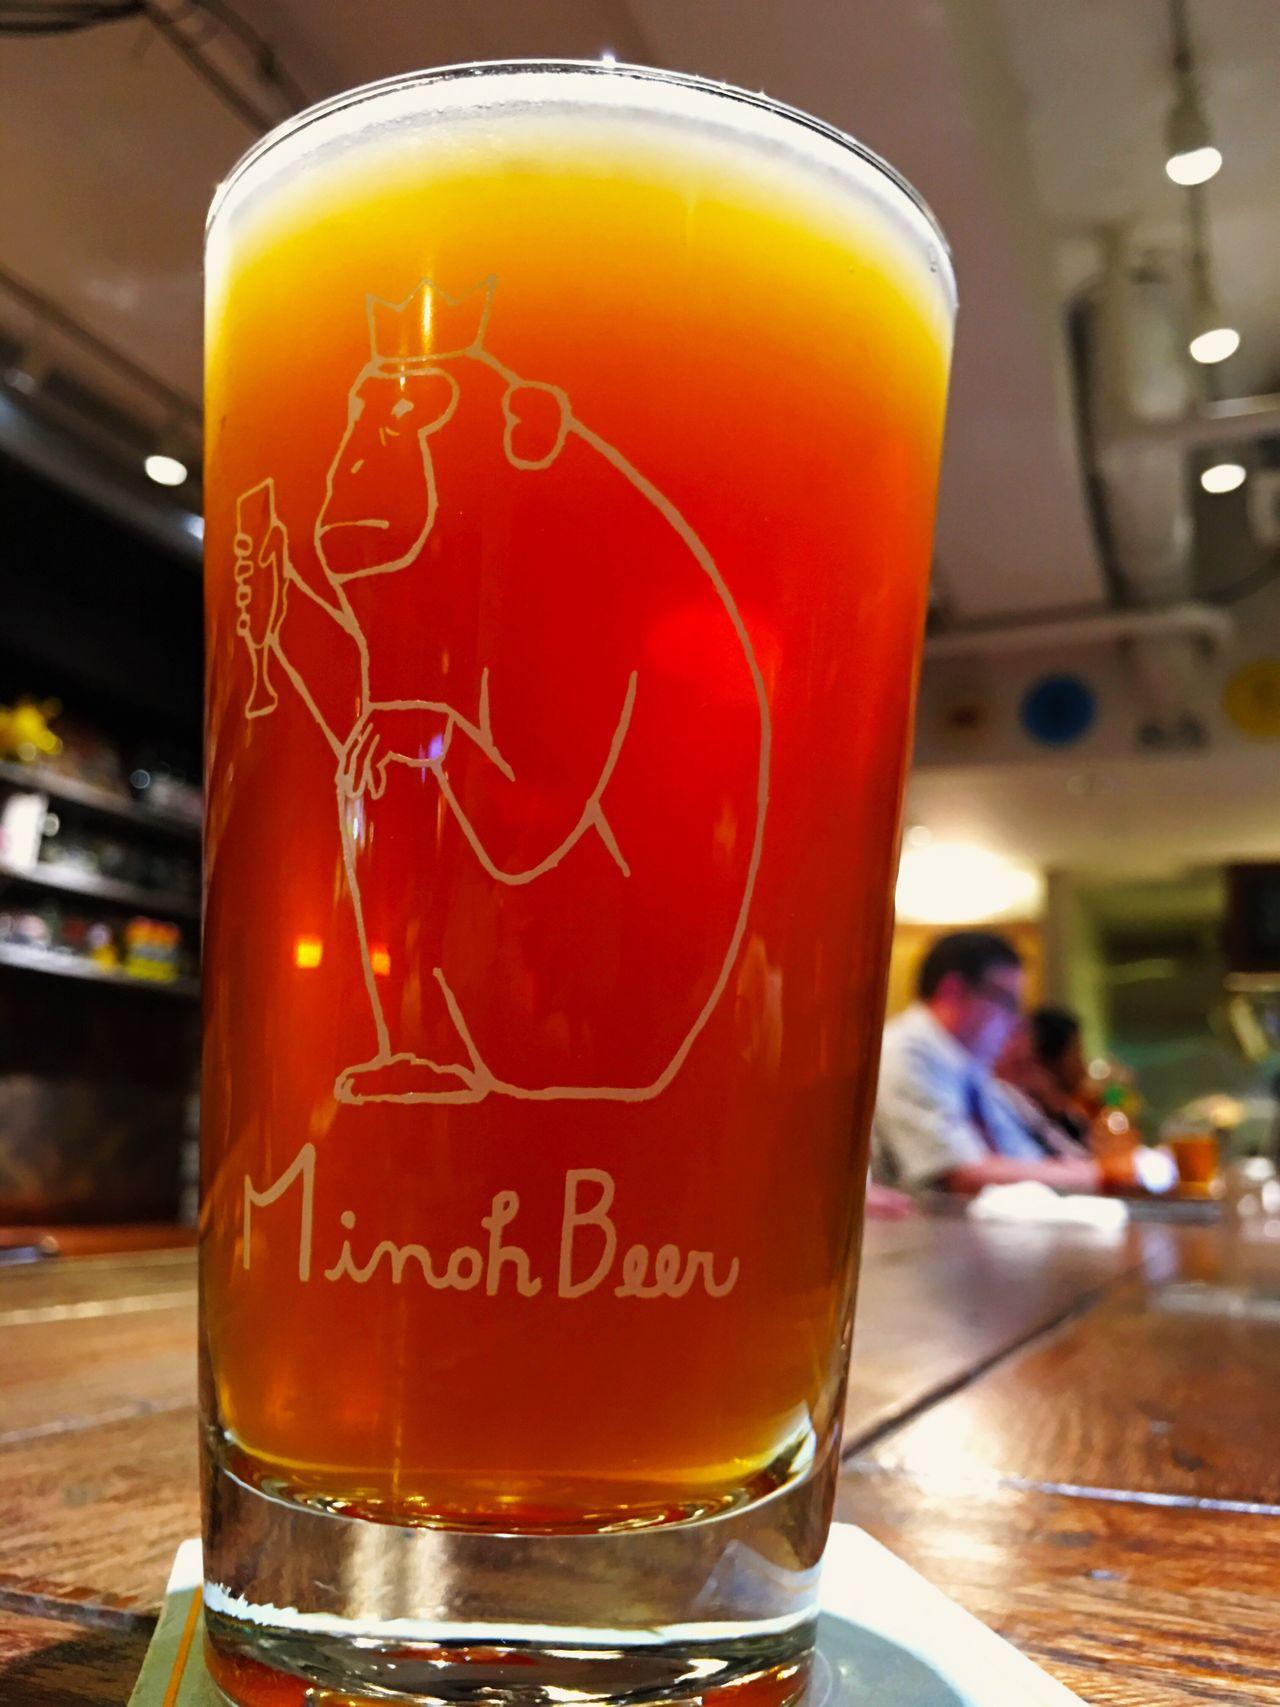 箕面 Minoh の 猿 サル Monkey Pint Glass 。ここしばらく、リアルな猿を見ていない。 Watering Hole Relaxing Japan Tokyo Shinjuku Yoyogi Beer Beer Time